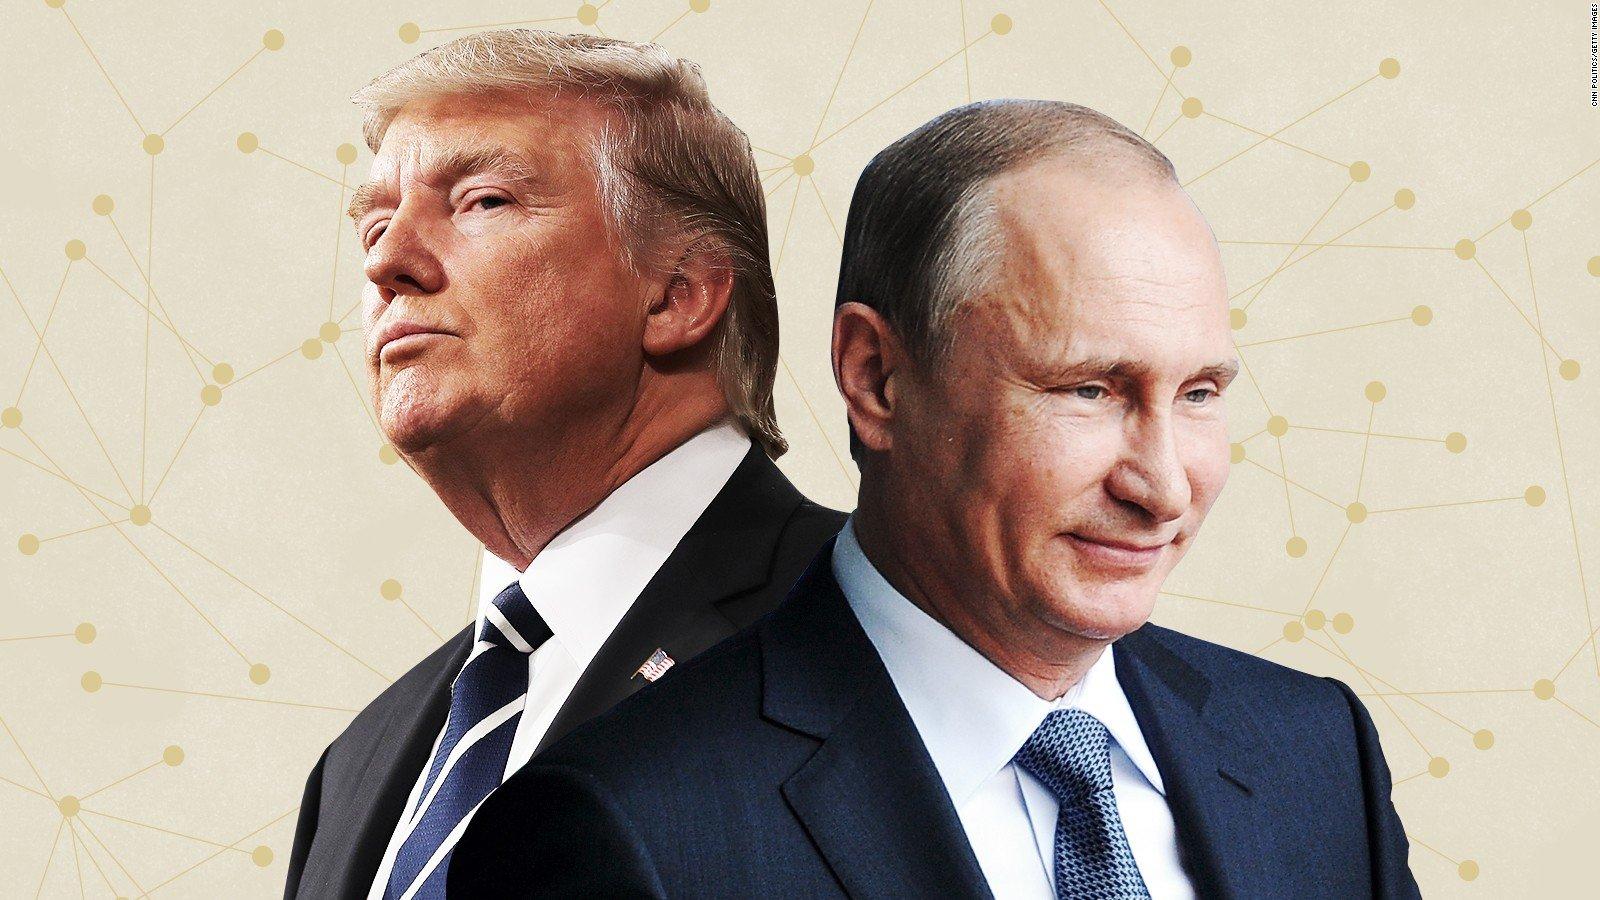 Hình ảnh Tổng thống Putin mách nước cho ông Trump về vấn đề Triều Tiên số 1